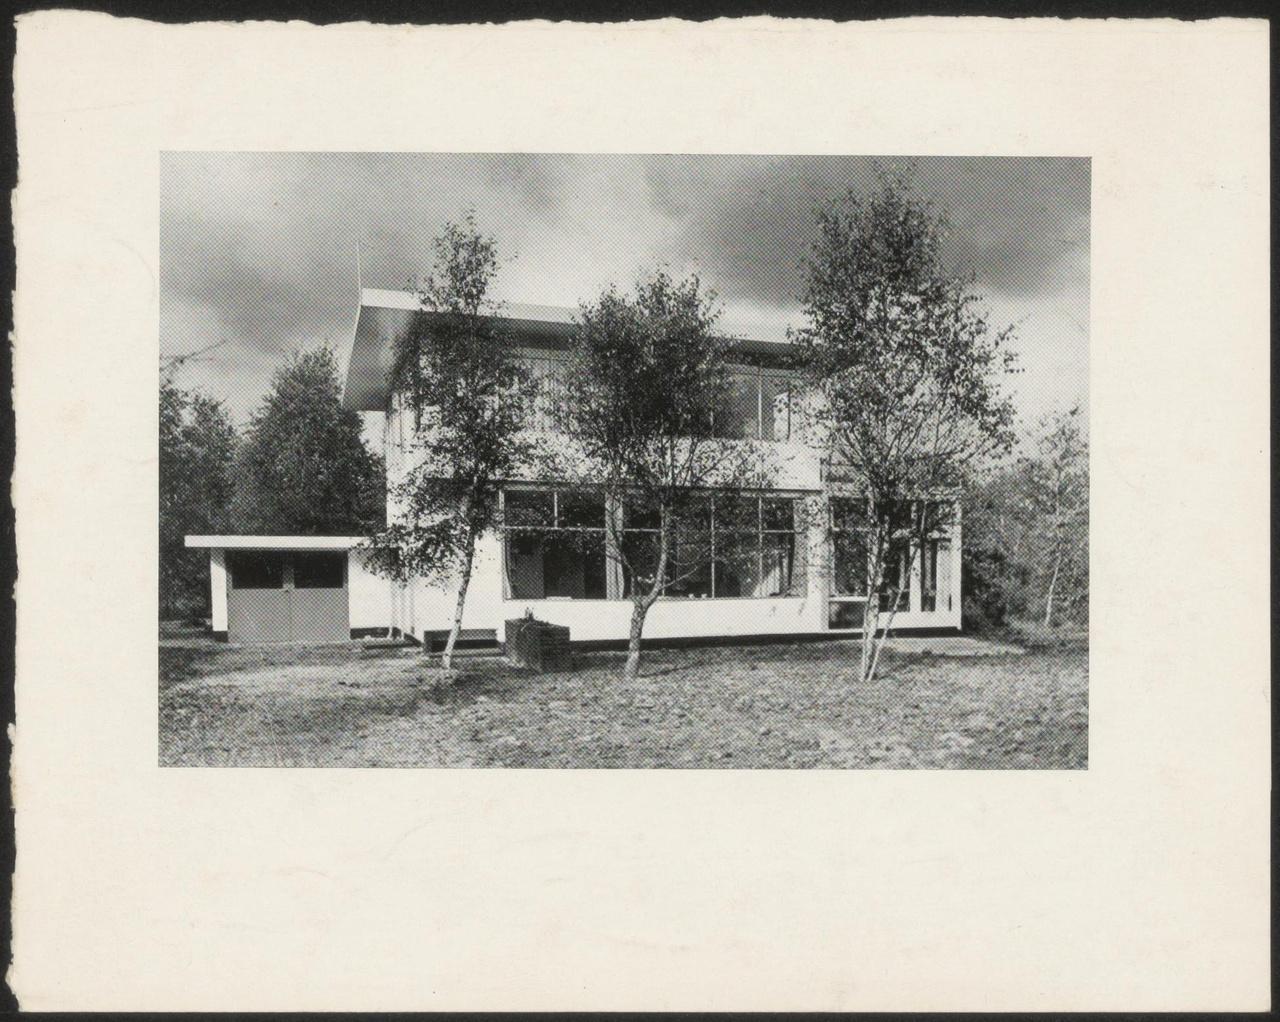 Afbeelding van aanzicht woning Smedes, ca.1936